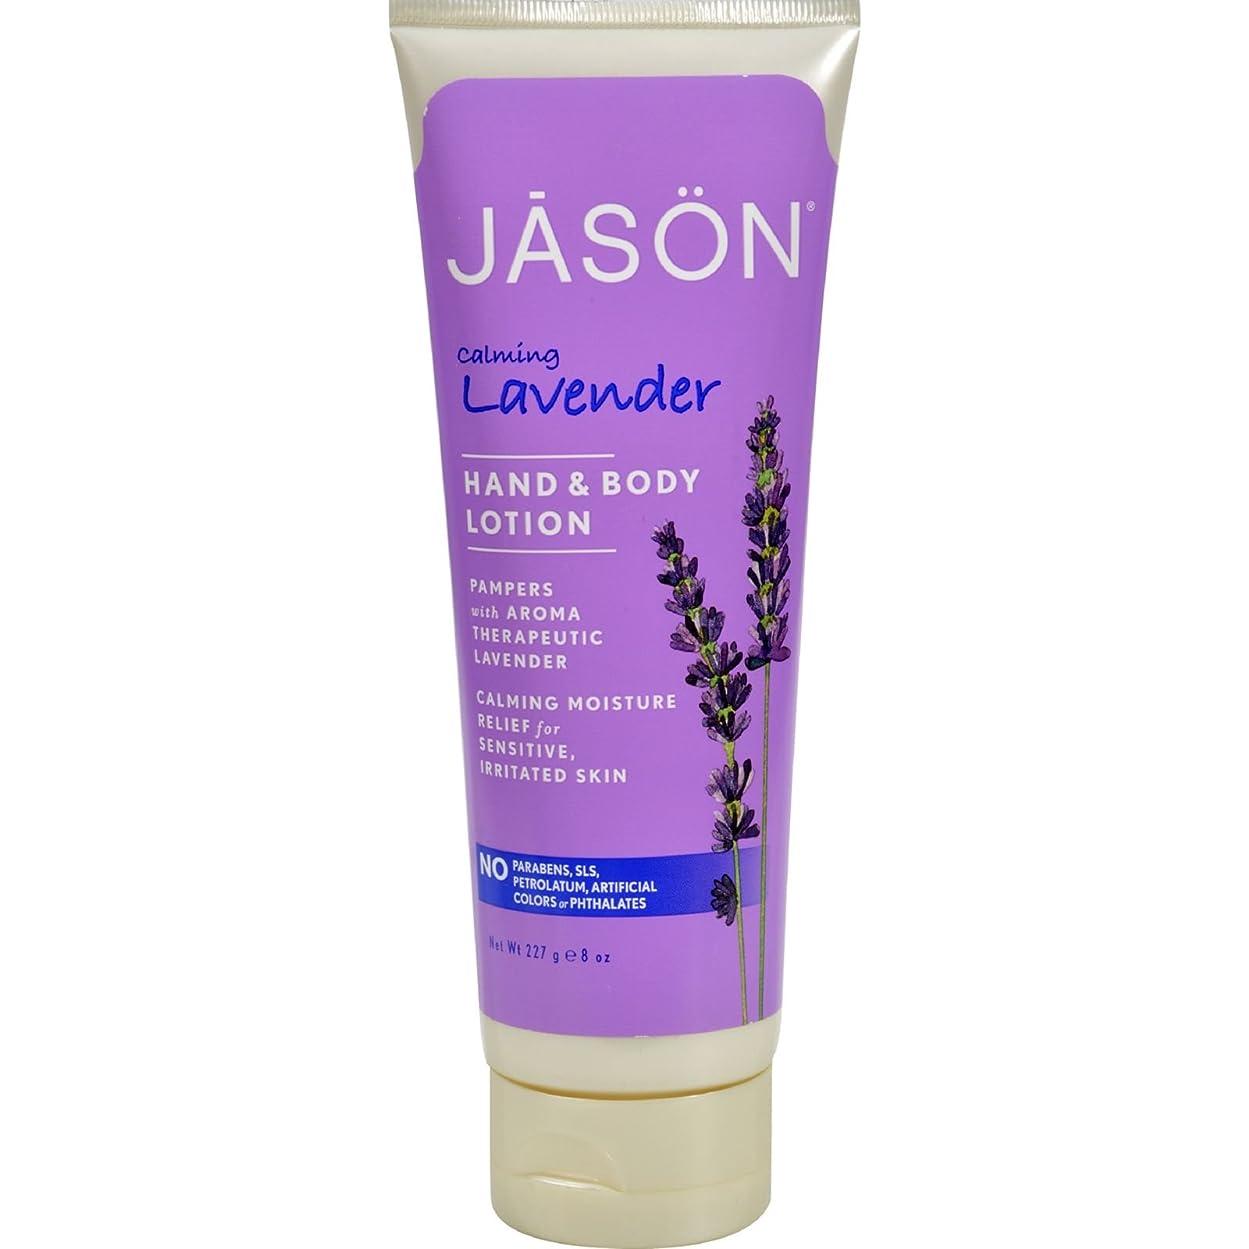 くちばし苦しめる体操選手ジェイソン自然製品 - ラベンダー手&ボディ ローション - 8ポンド